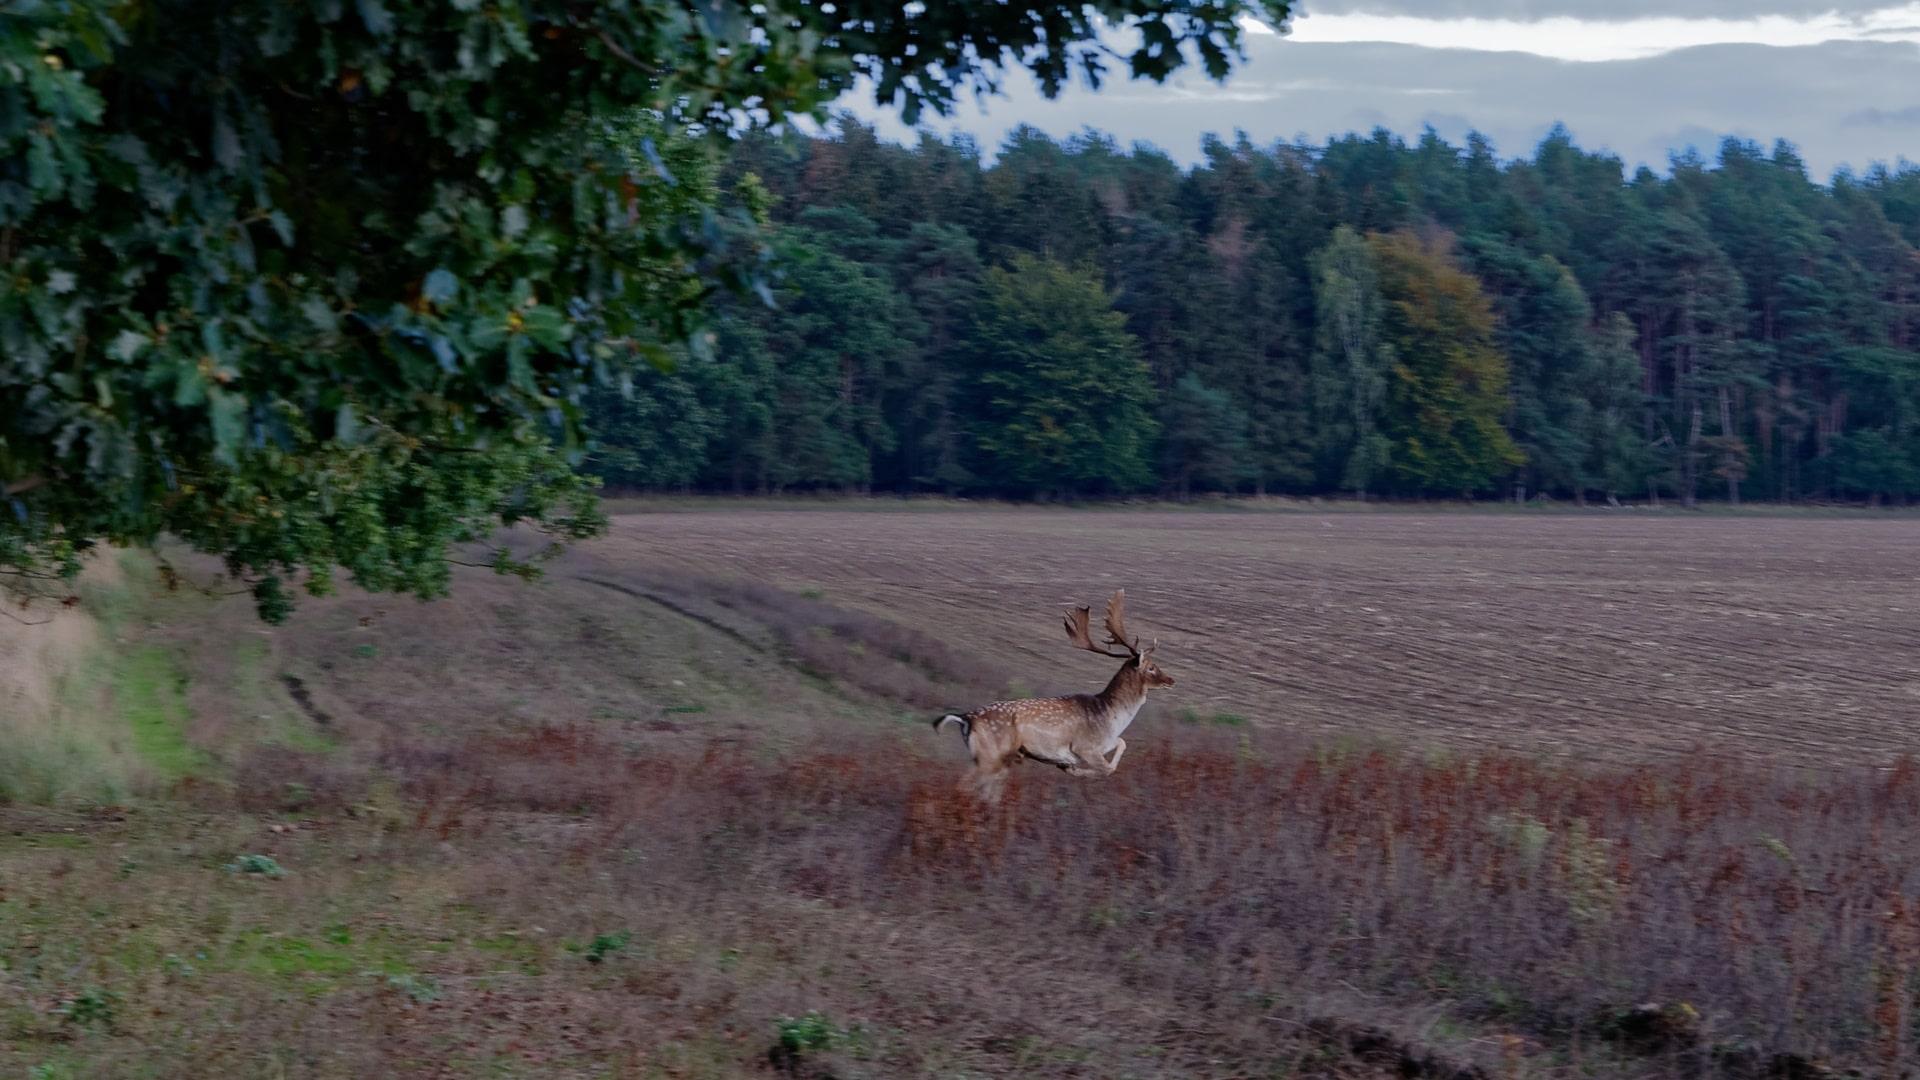 Wild in der Natur Vorpommerns